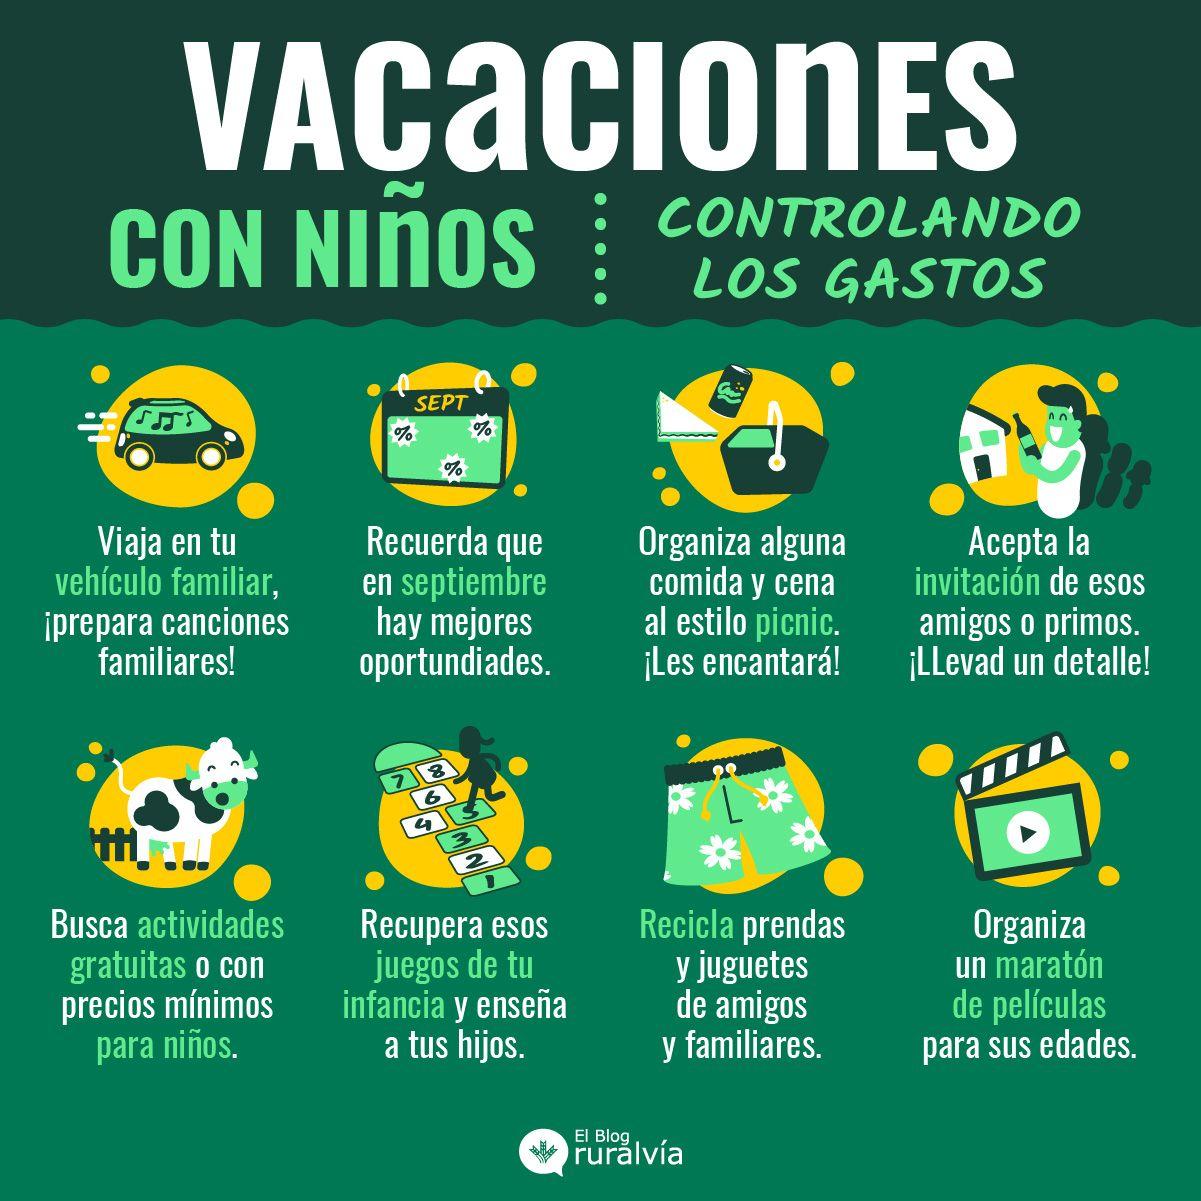 Planes económicos para disfrutar de unos días de vacaciones con niños